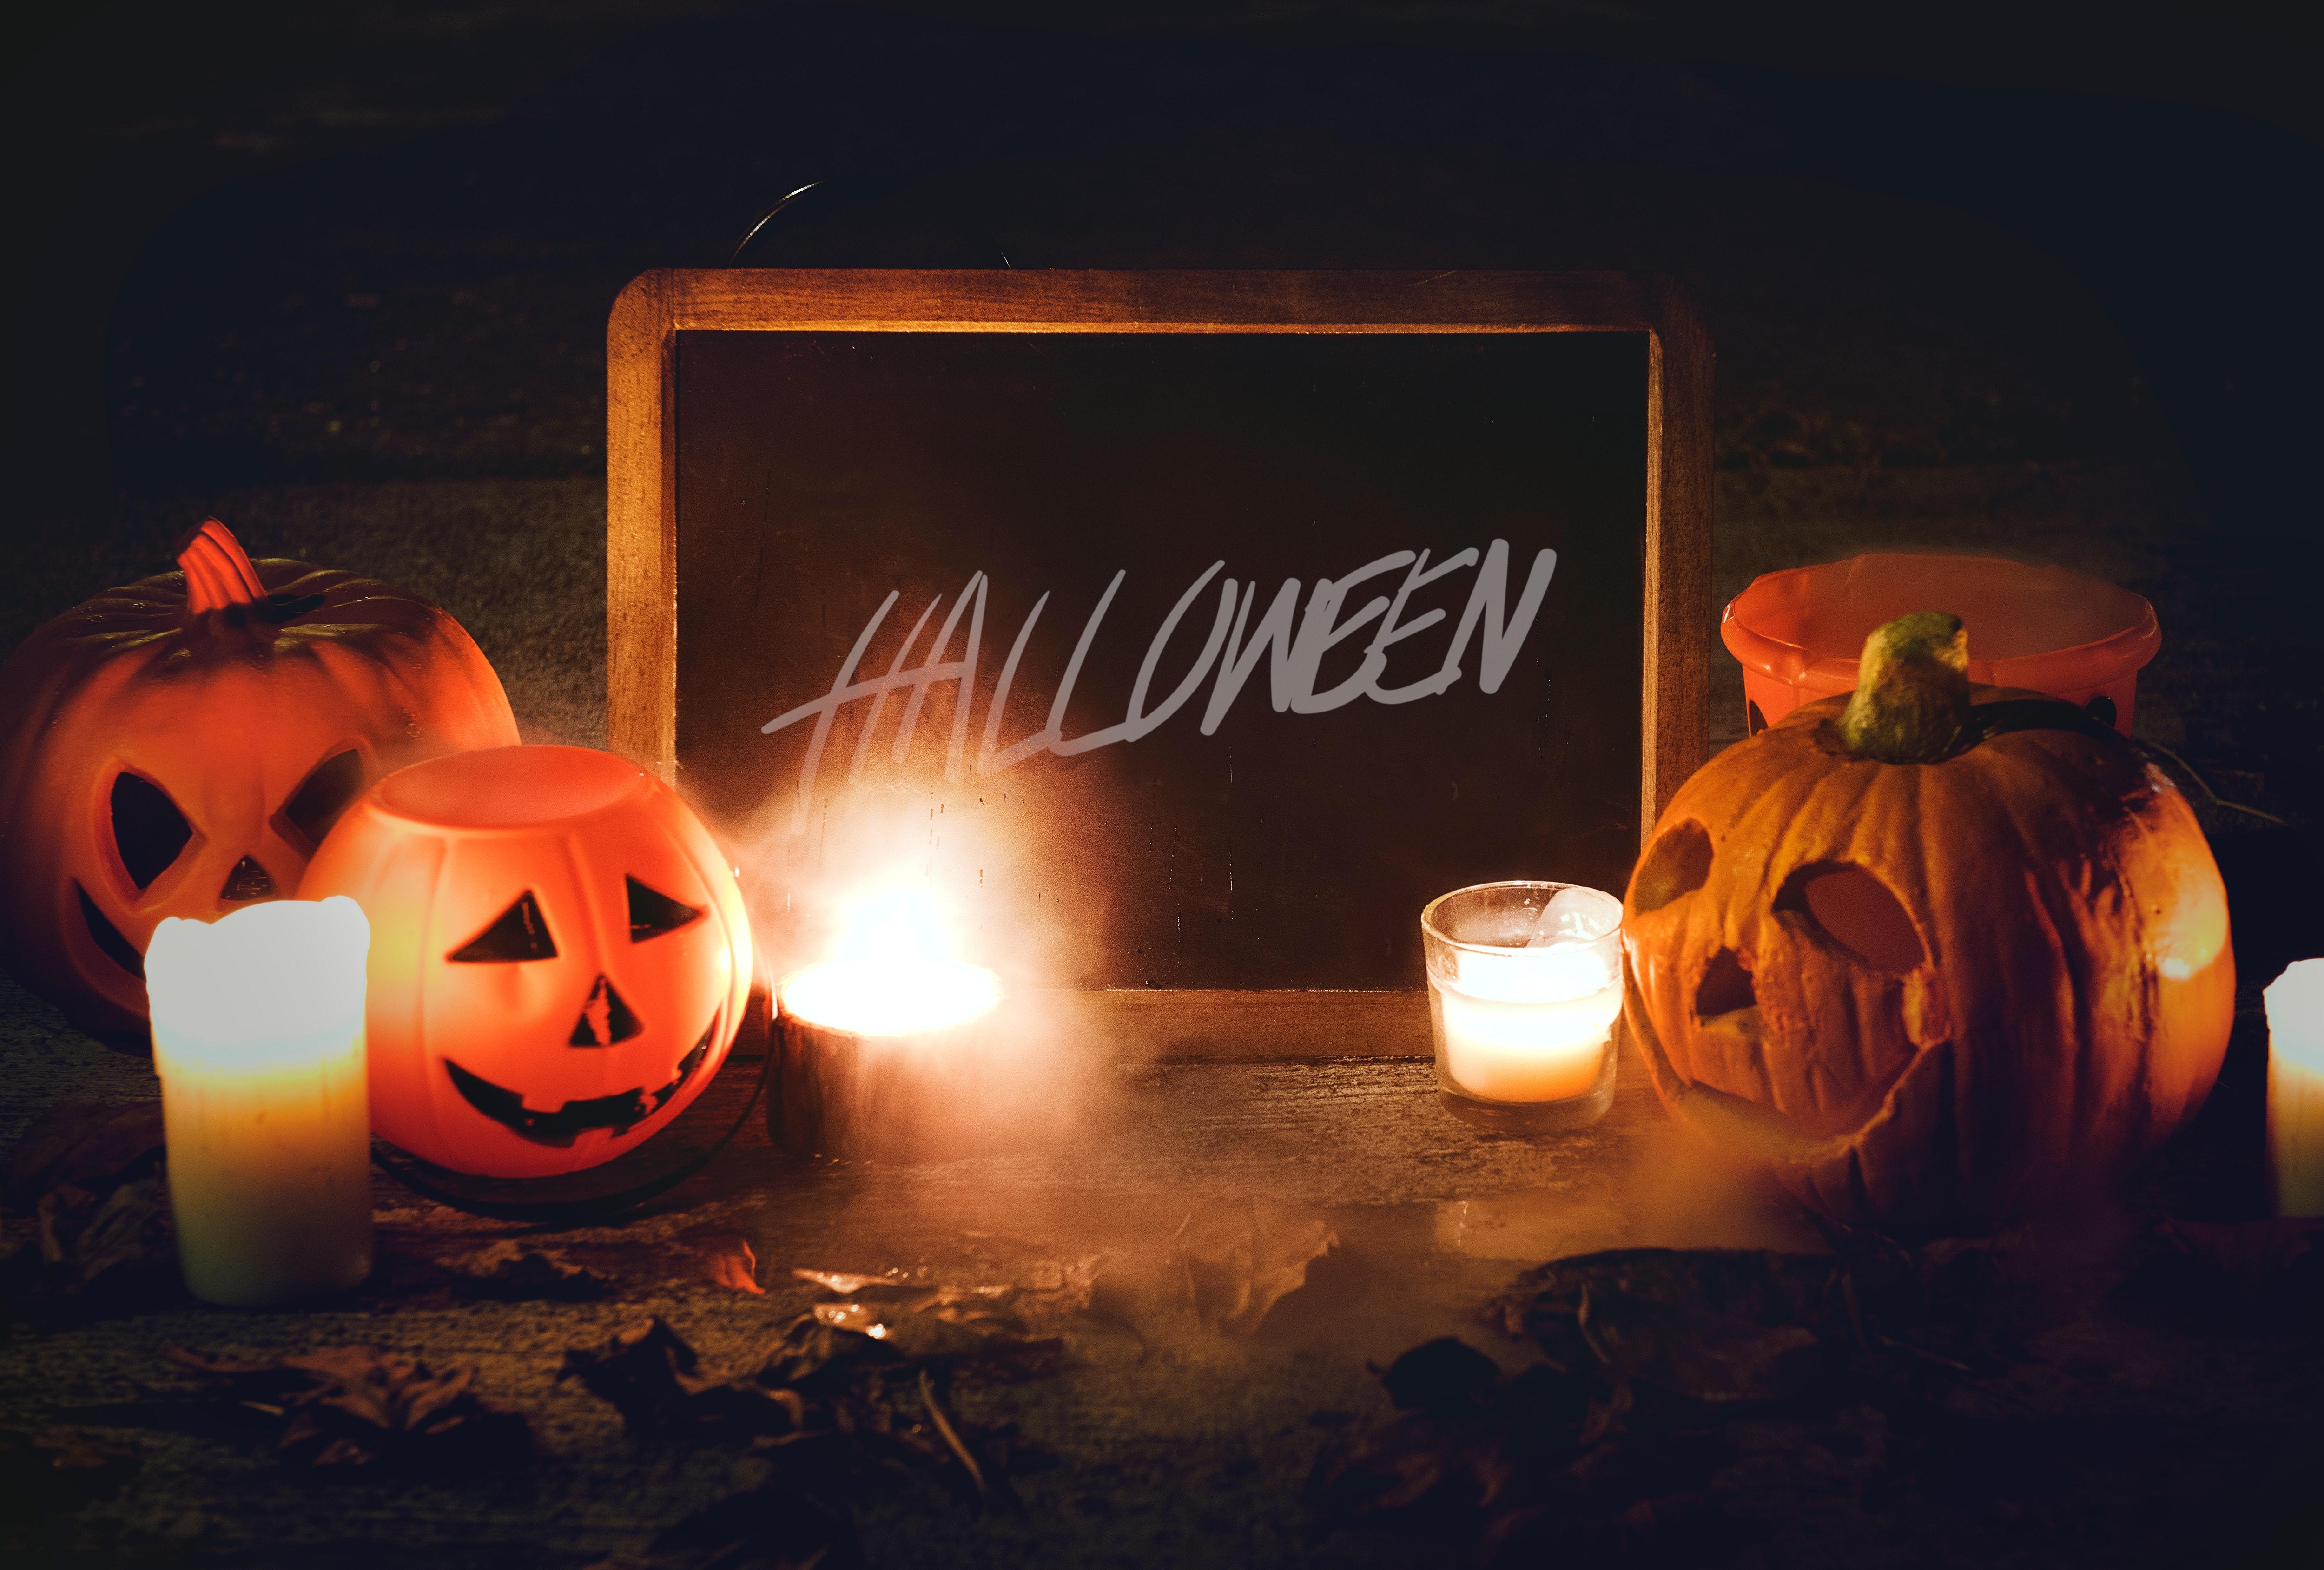 tableau noir écrit halloween